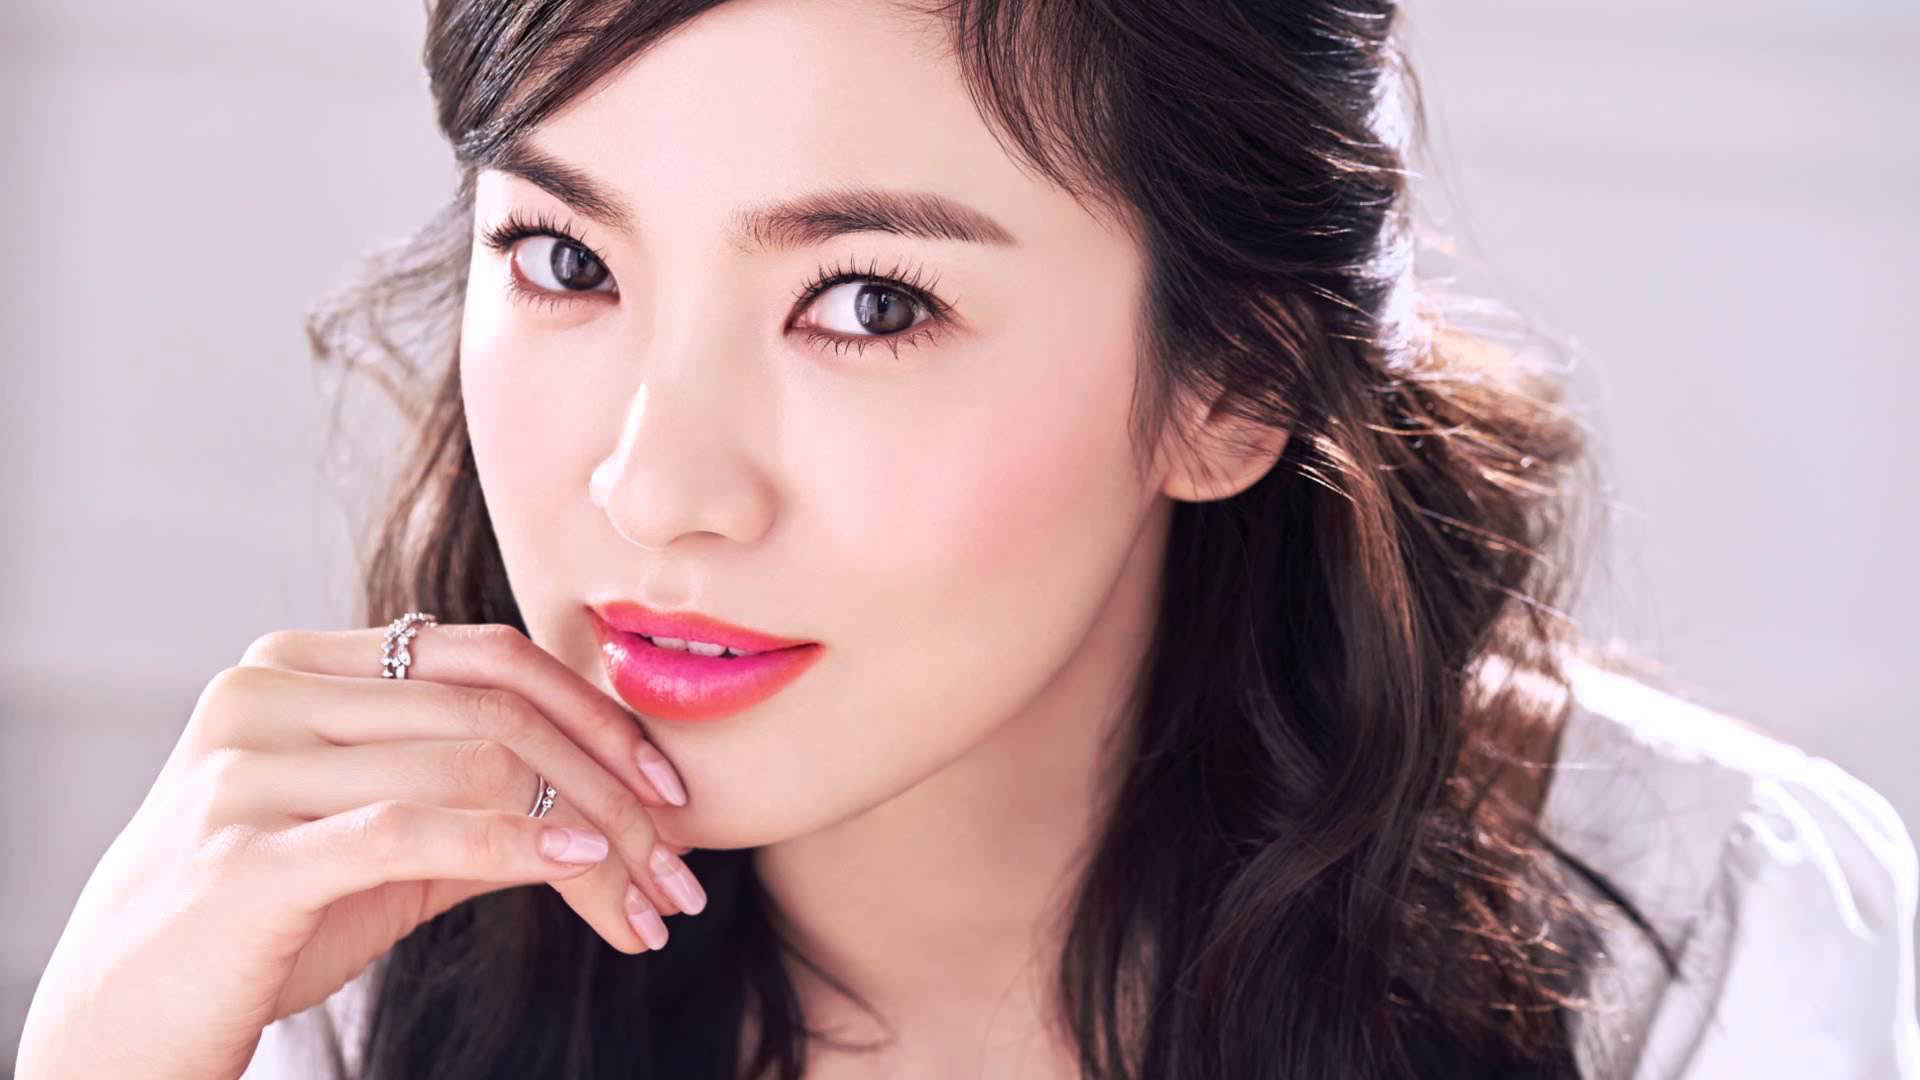 Cặp mày sắc nét làm sáng bừng khuôn mặt kiều nữ Song Hye Kyo